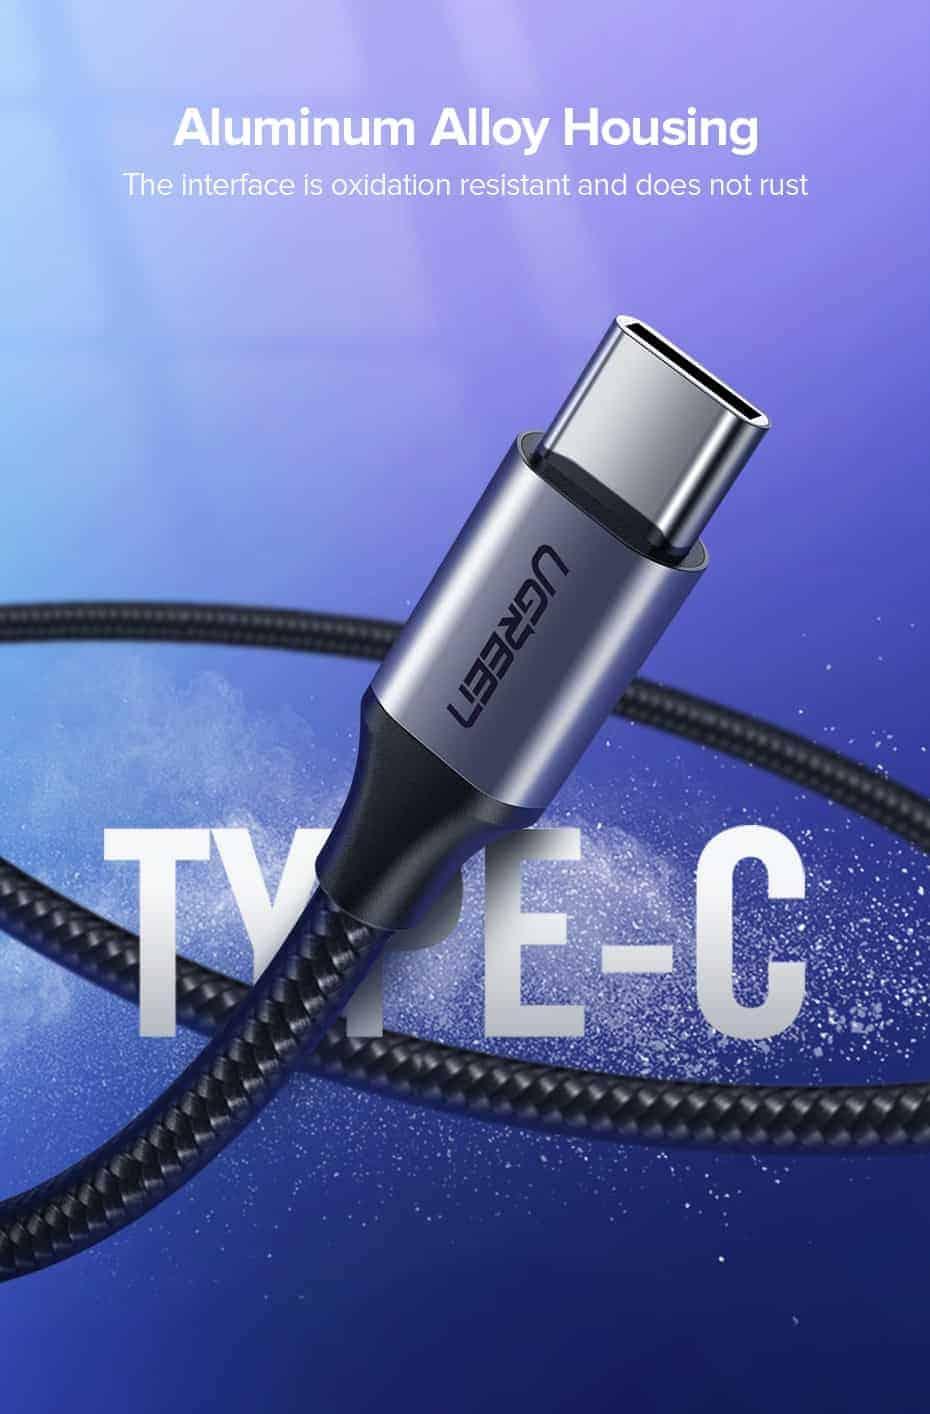 สายชาร์จ Type C UPGRADE 3A Fast CHARGING FOR DEVICES USB-C CONNECTOR-aluminum alloy housing